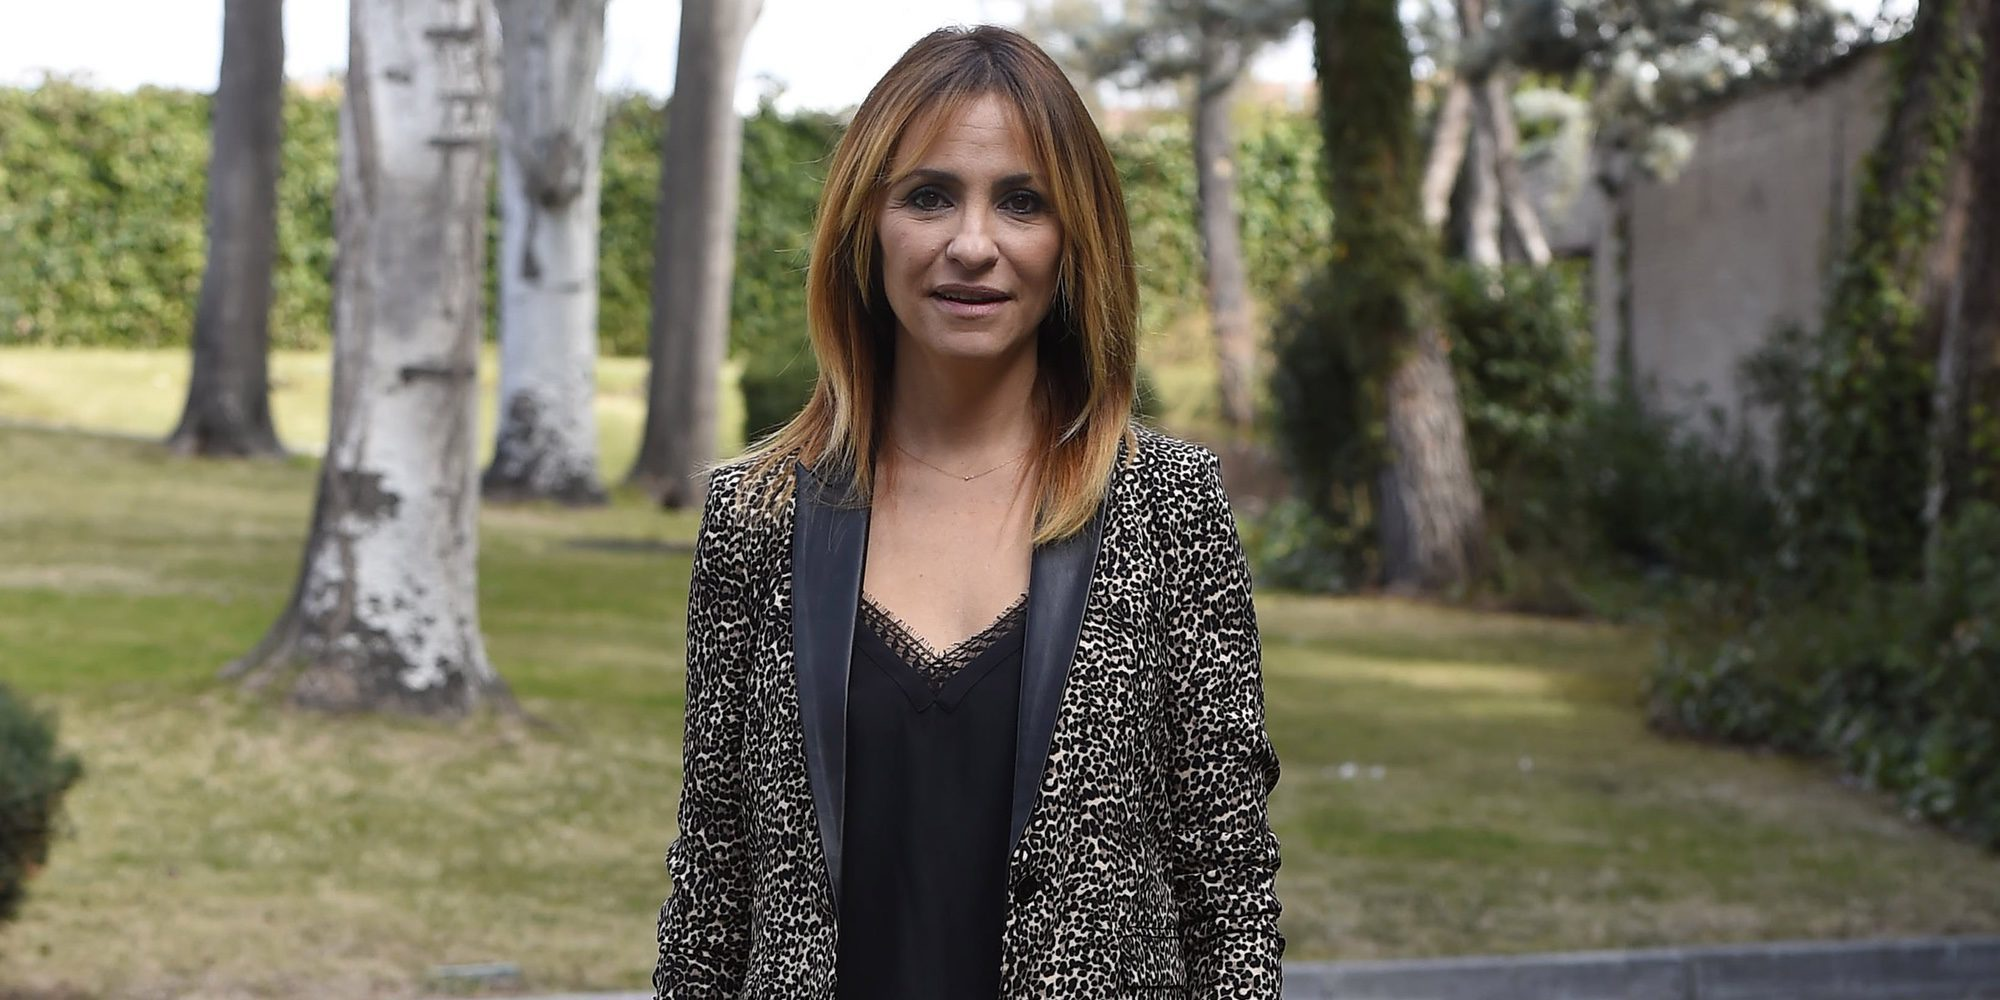 Melani Olivares luce cuerpazo desnuda 3 meses después de ser madre de su segundo hijo biológico